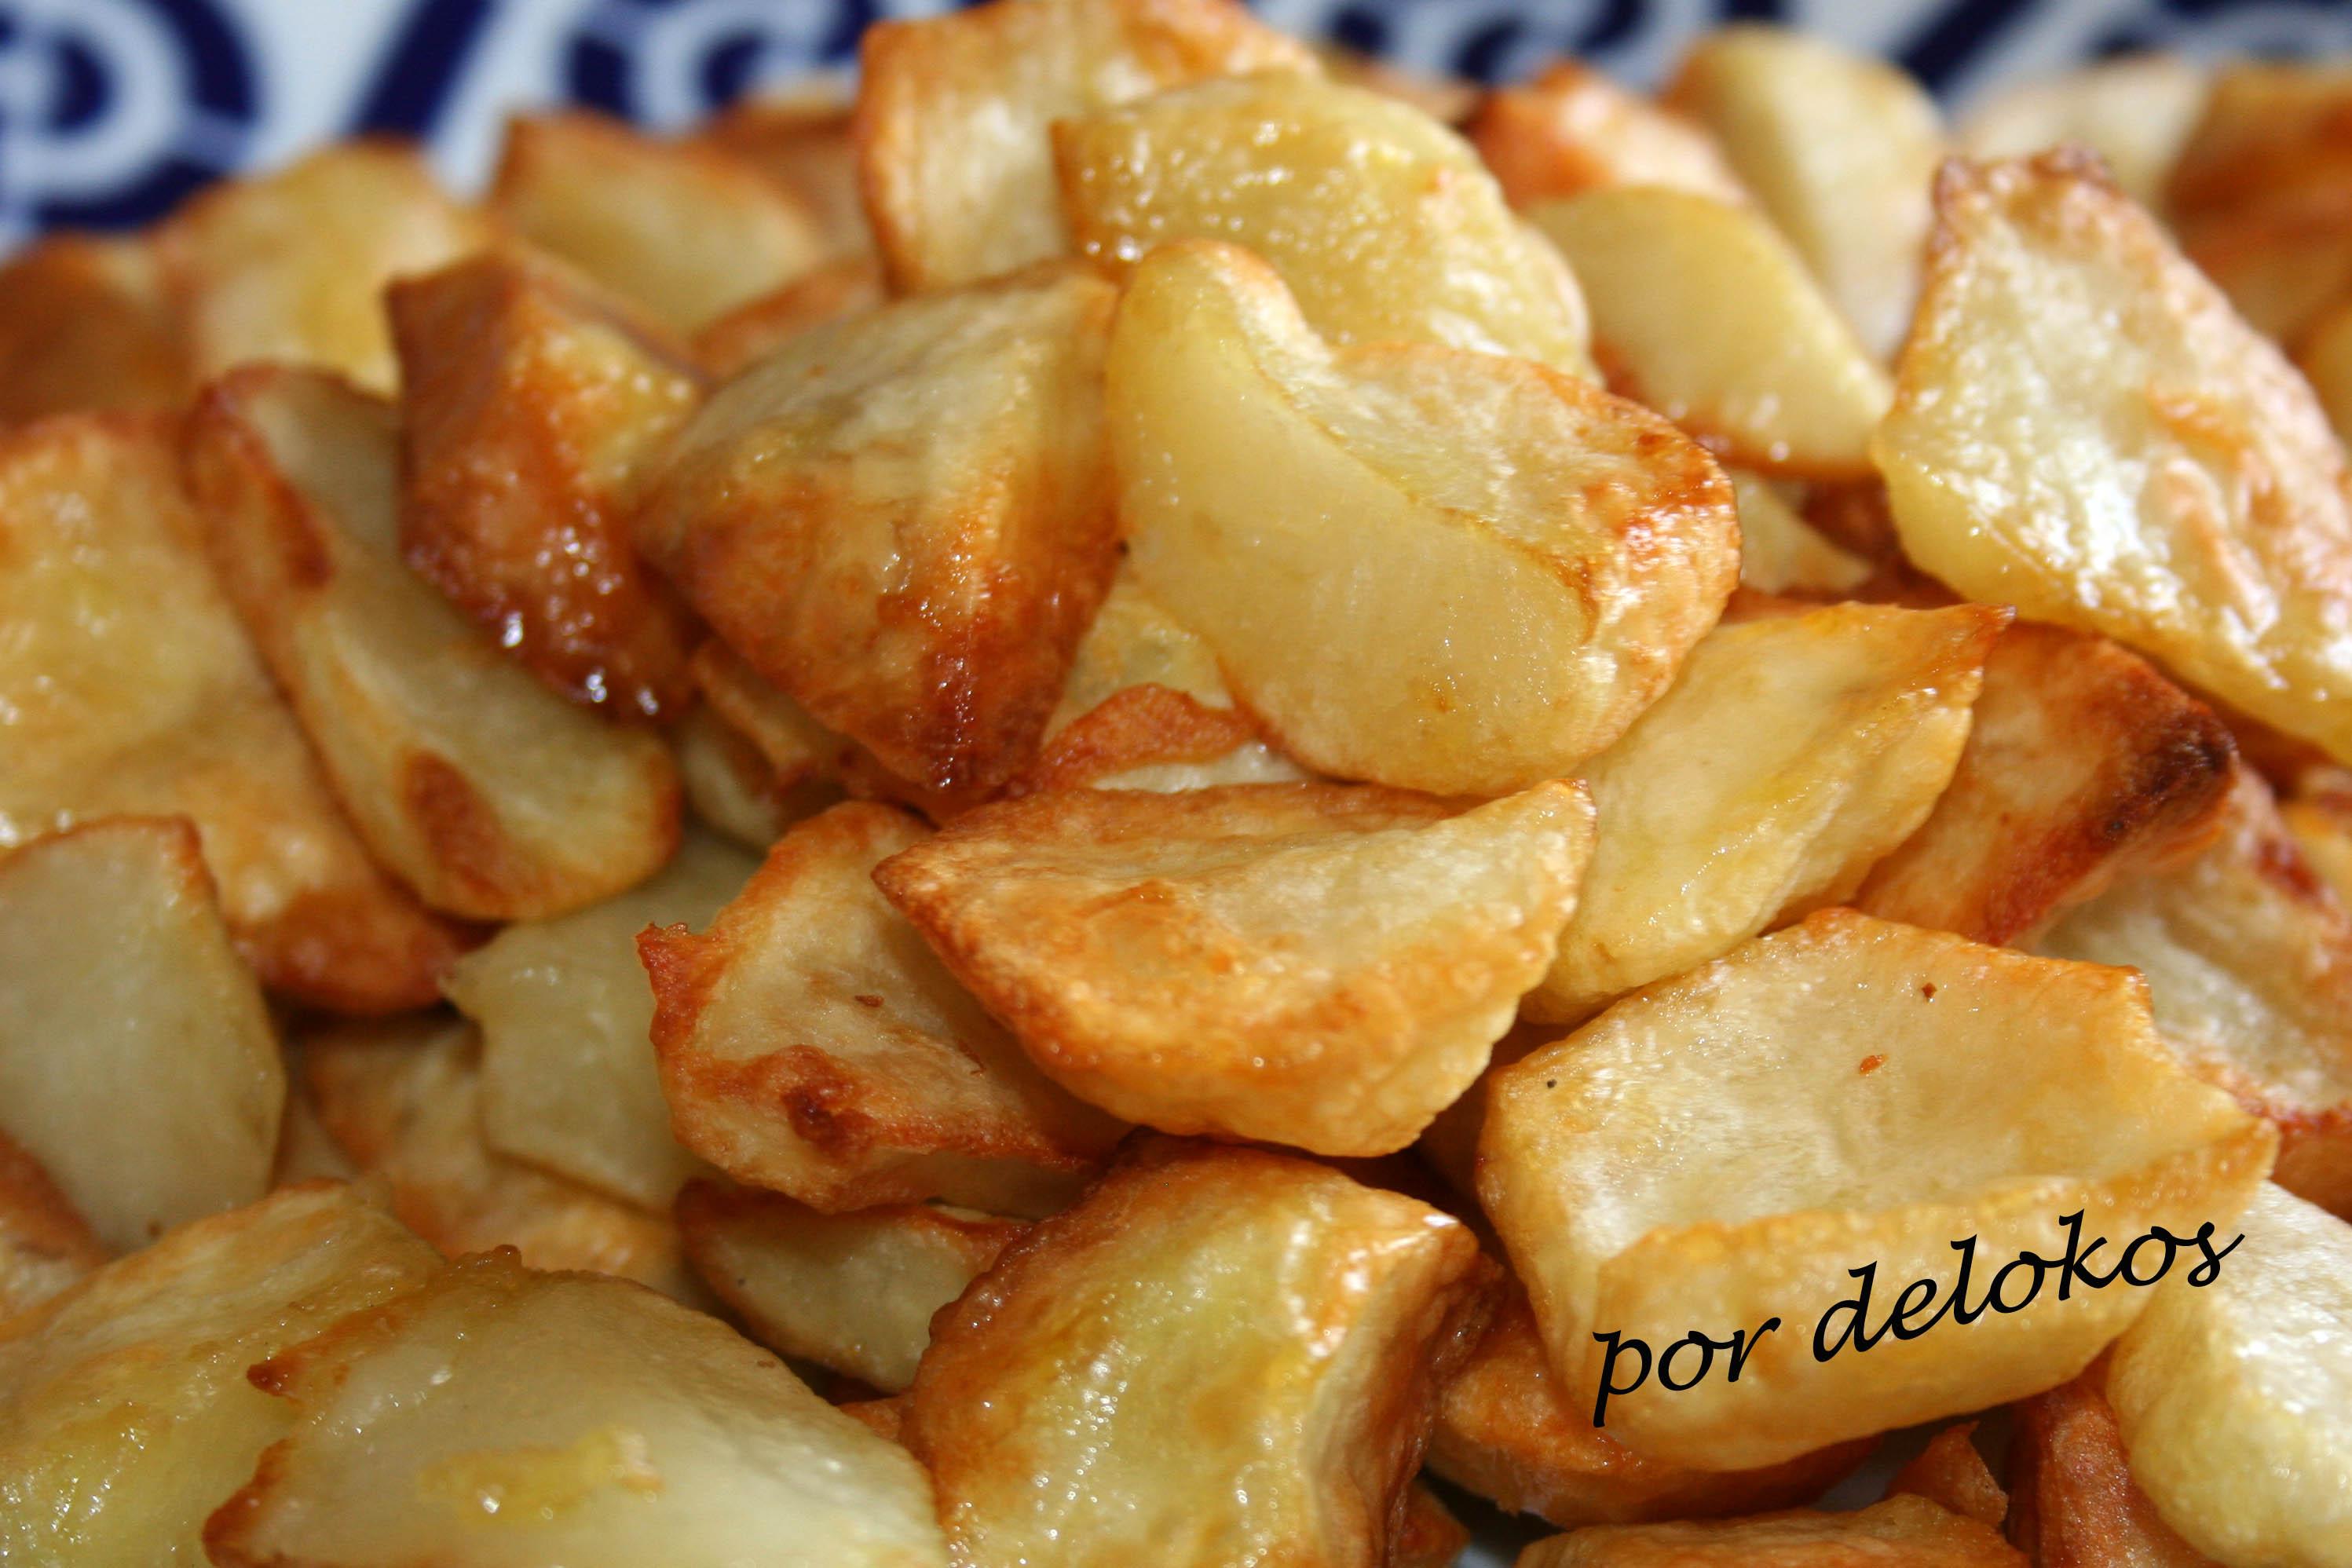 Patatas fritas en horno de convección | Delokos